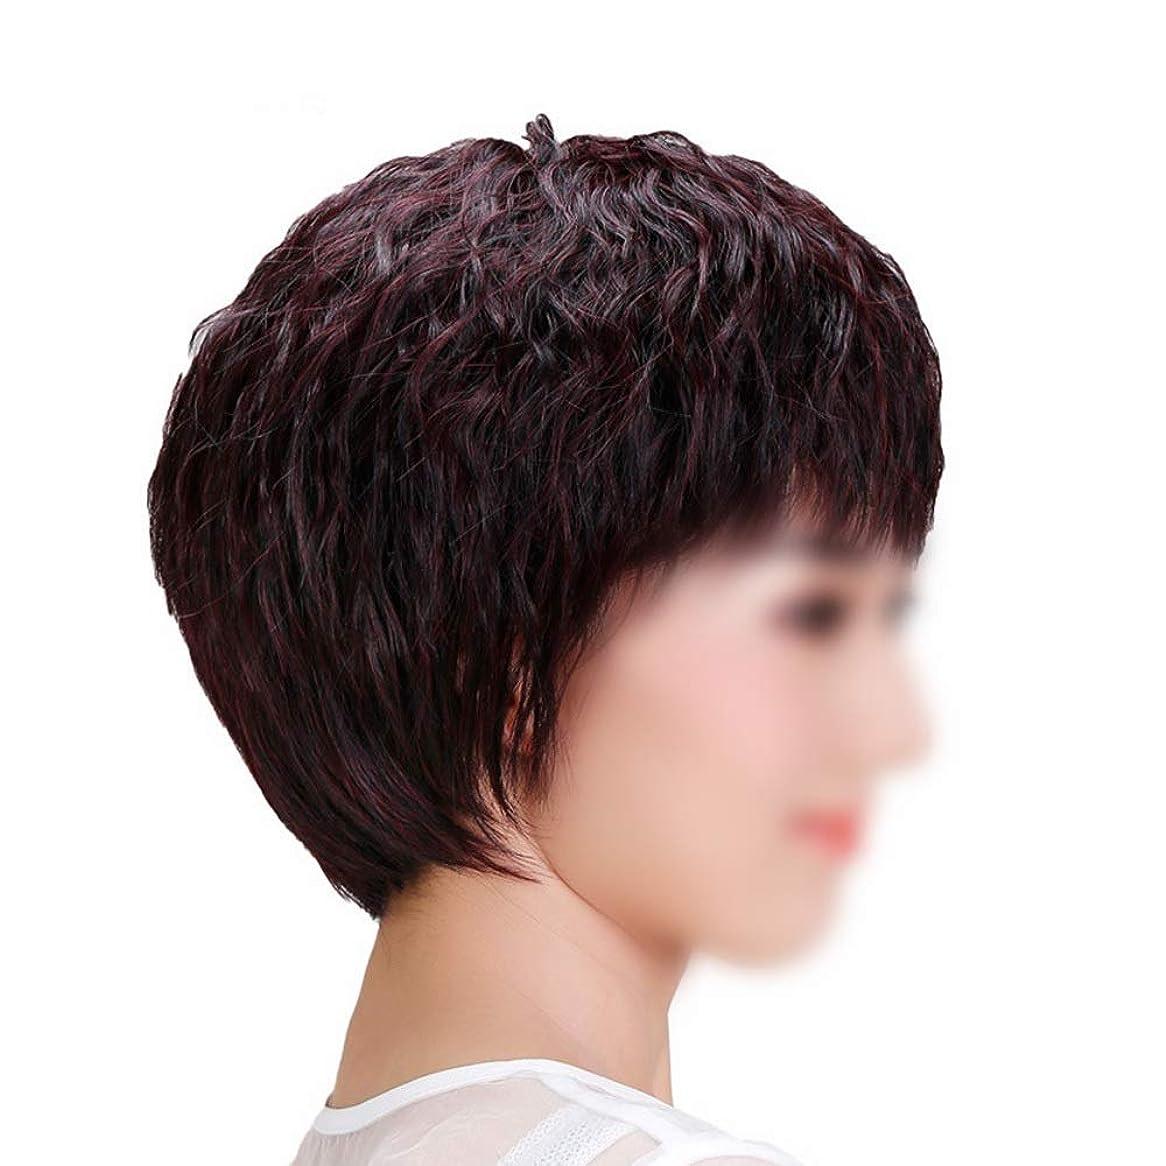 ヘルパースリッパ敵意YOUQIU 手織り女子ショートストレートヘアー中年ウィッグ母のギフトウィッグのための自然な人間の髪 (色 : Dark brown, サイズ : Mechanism)